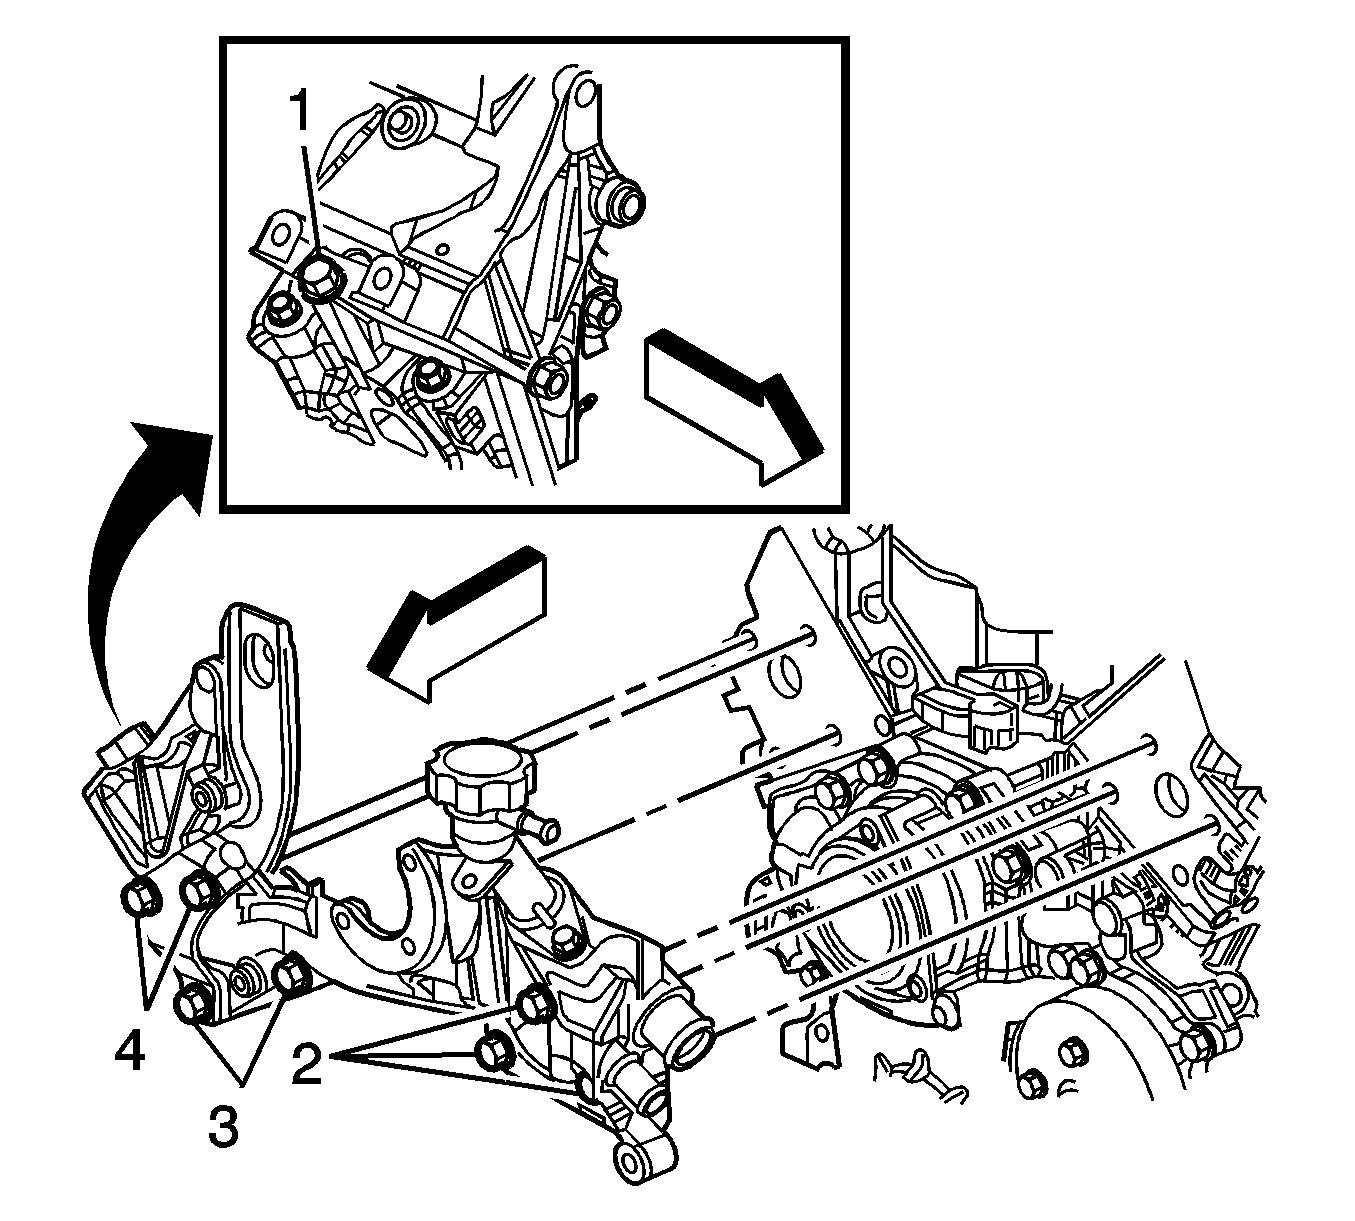 pontiac g6 exhaust diagram  pontiac  free engine image for